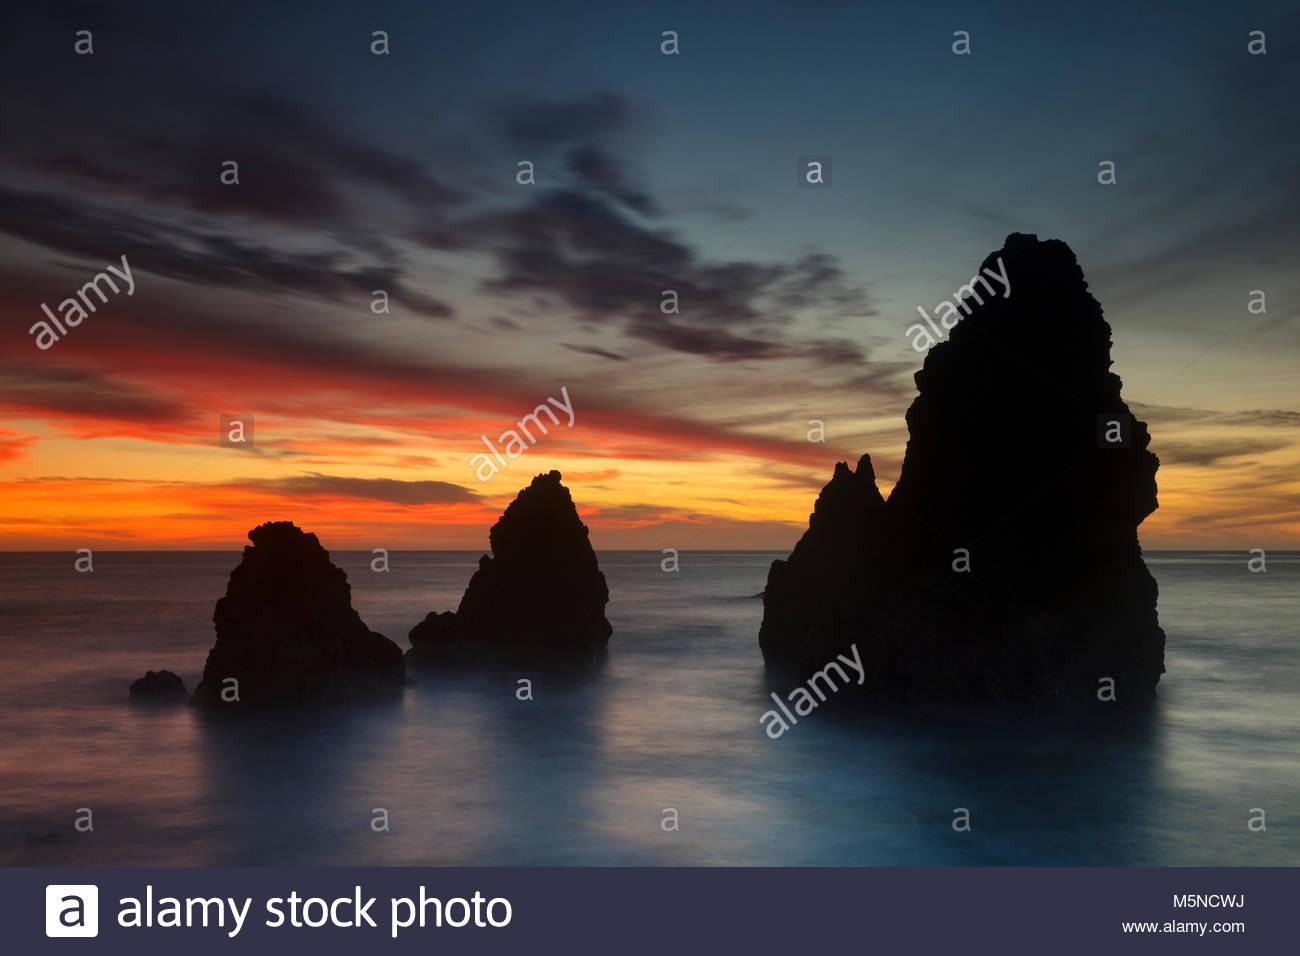 Un coucher de soleil spectaculaire couleurs le ciel derrière de grandes piles de la mer dans la région Photo Stock